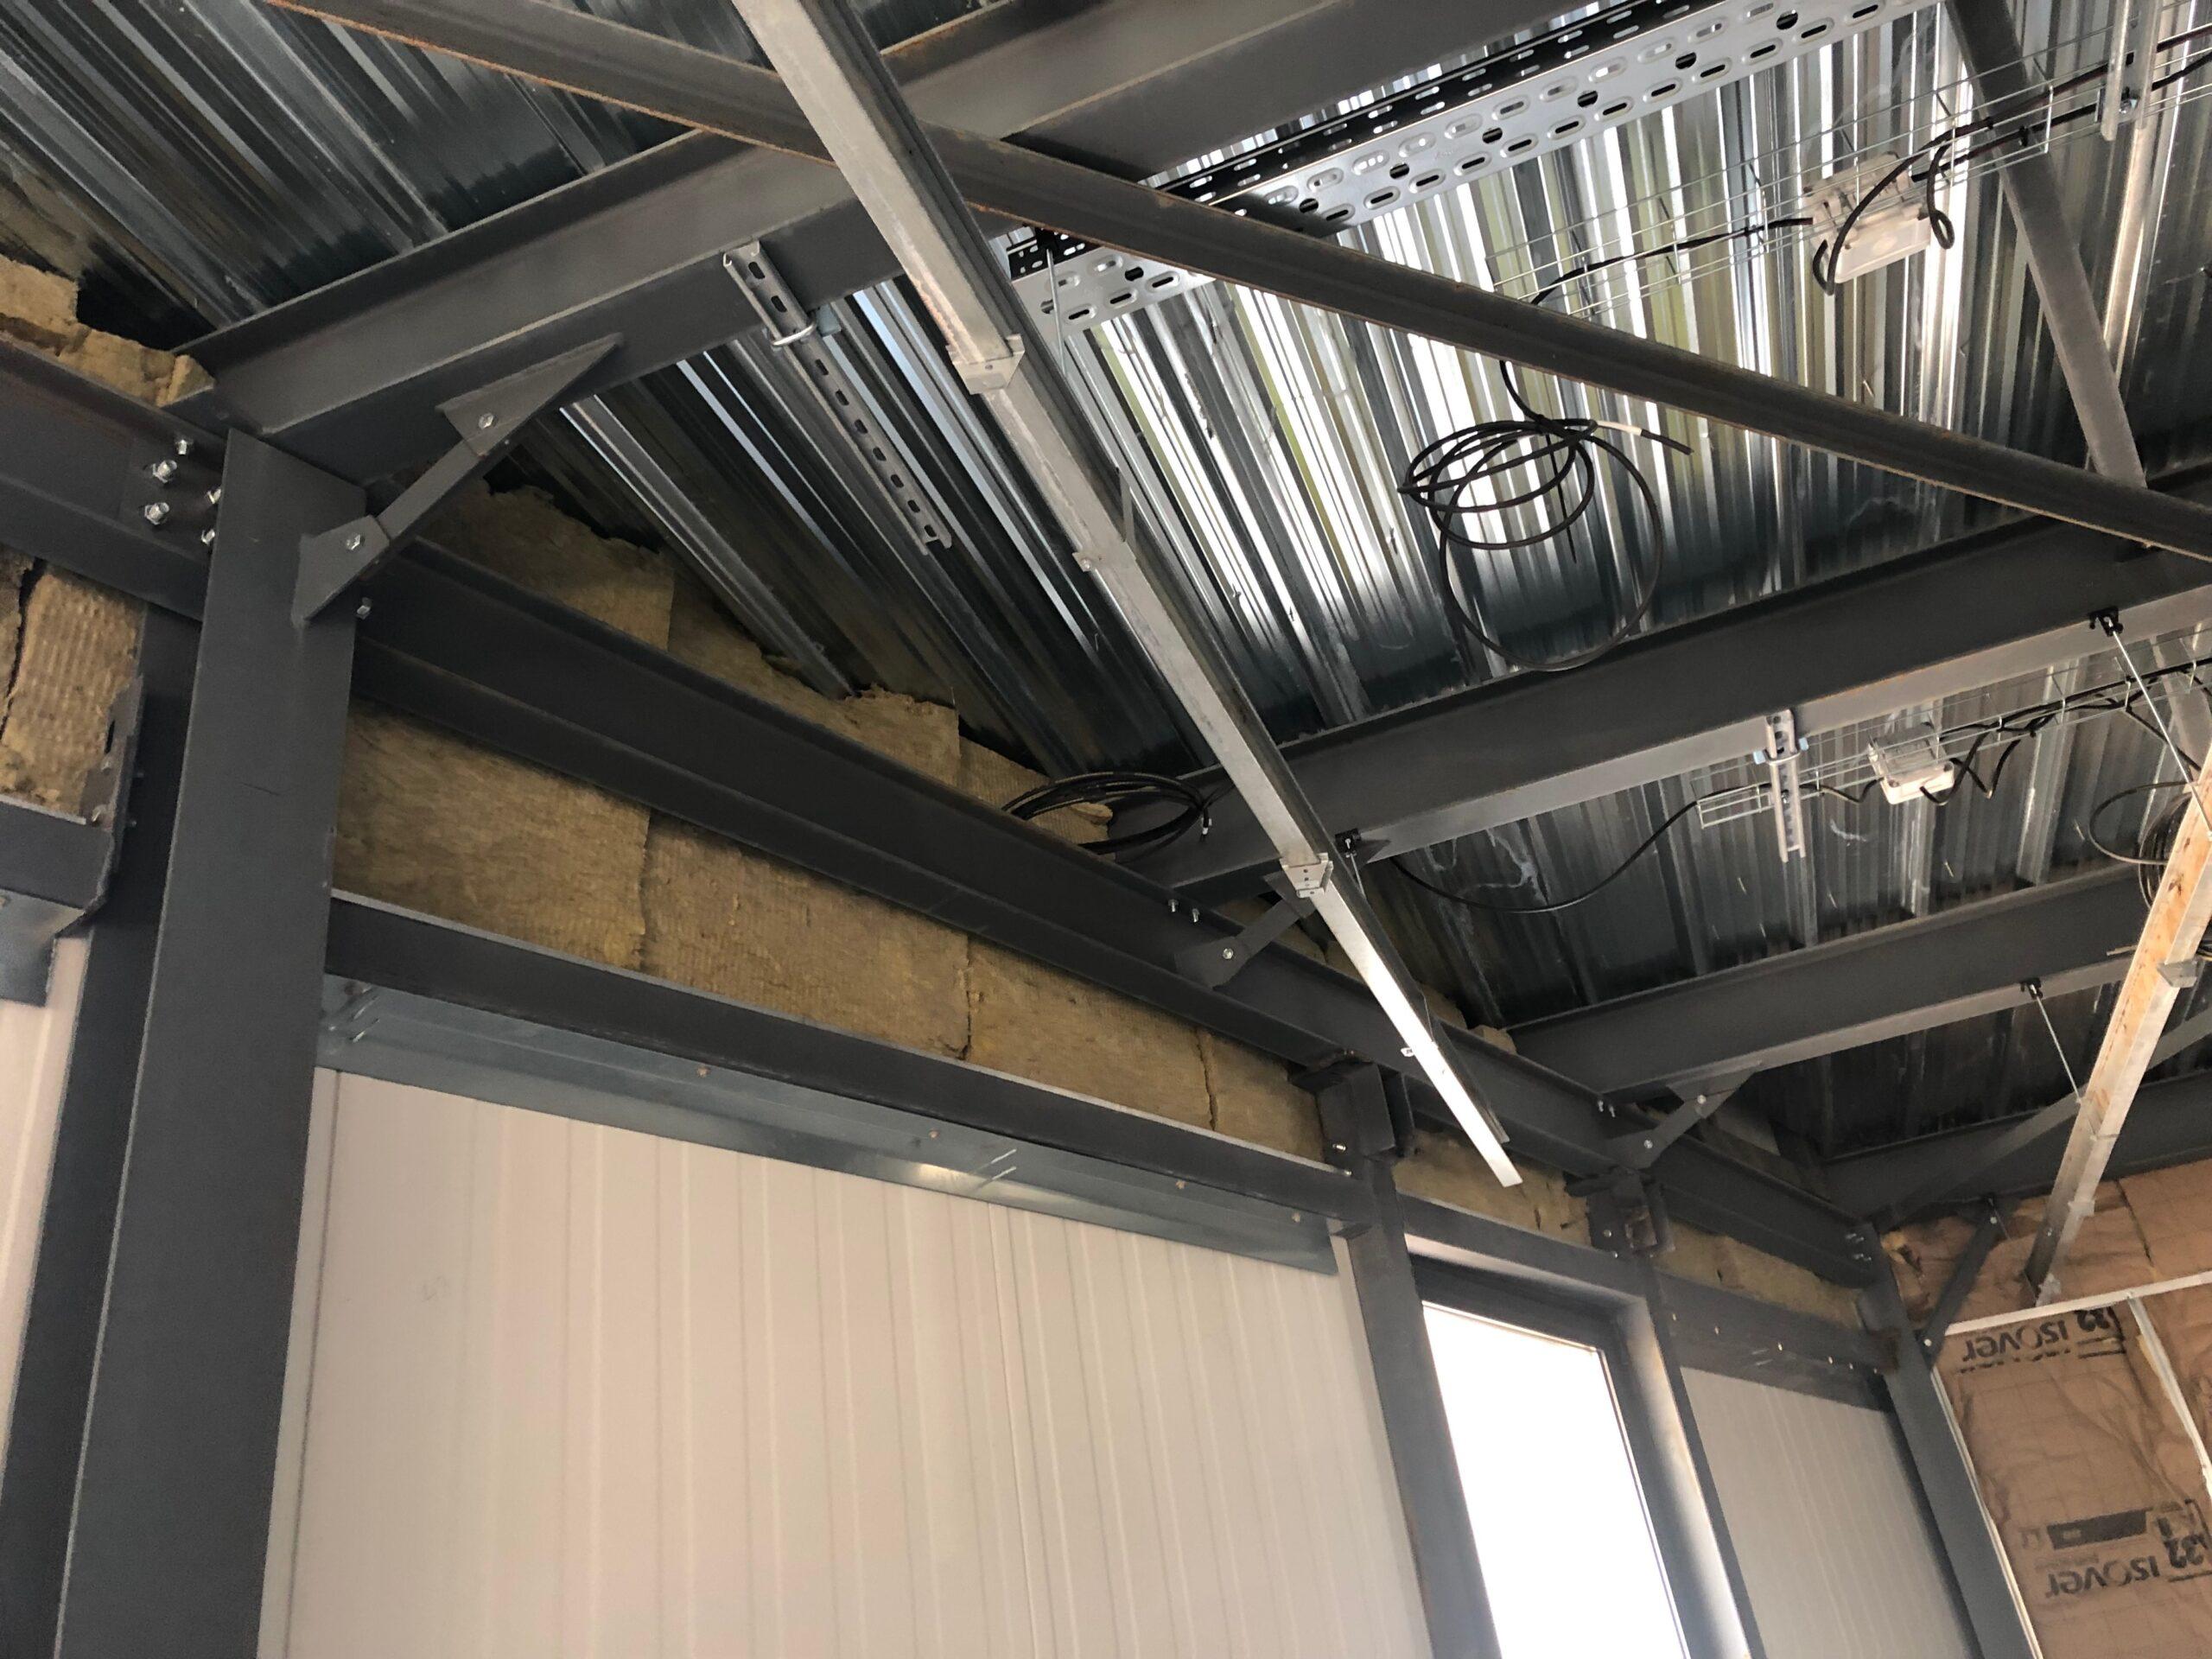 doublages thermiques, les cloisons placostill, mis en place des faux plafonds acoustiques.